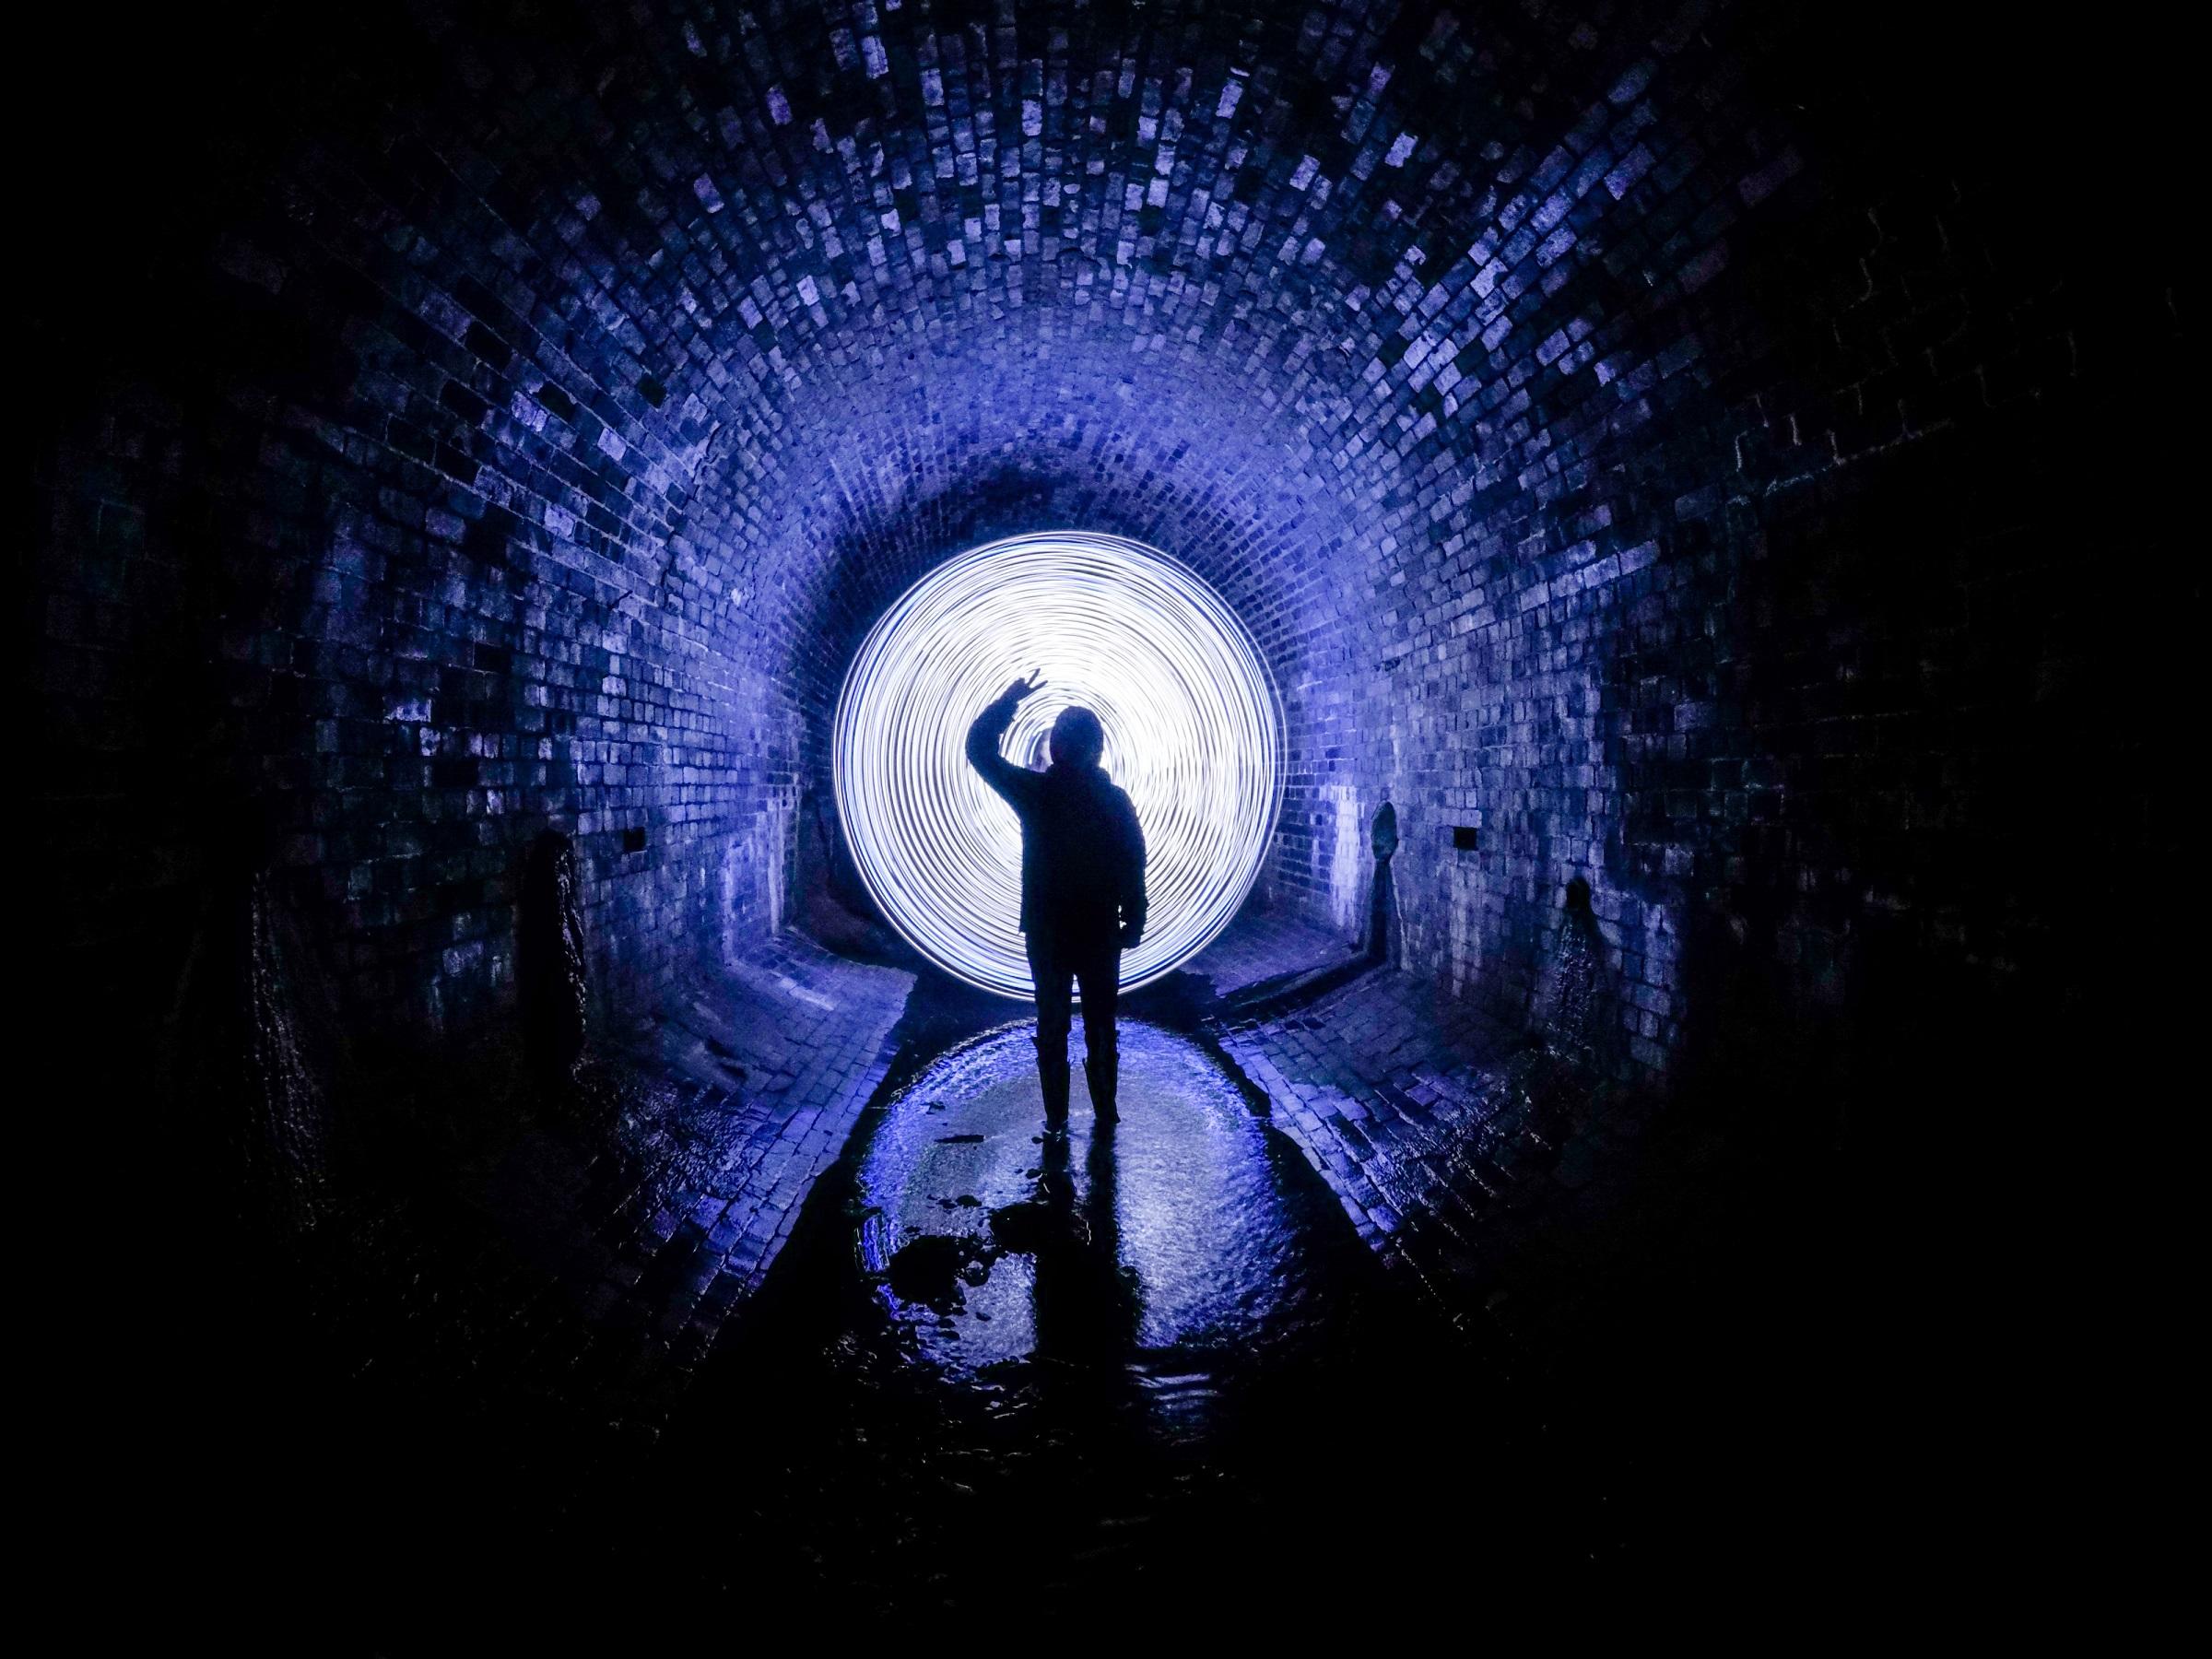 Prin tunelul singurătății